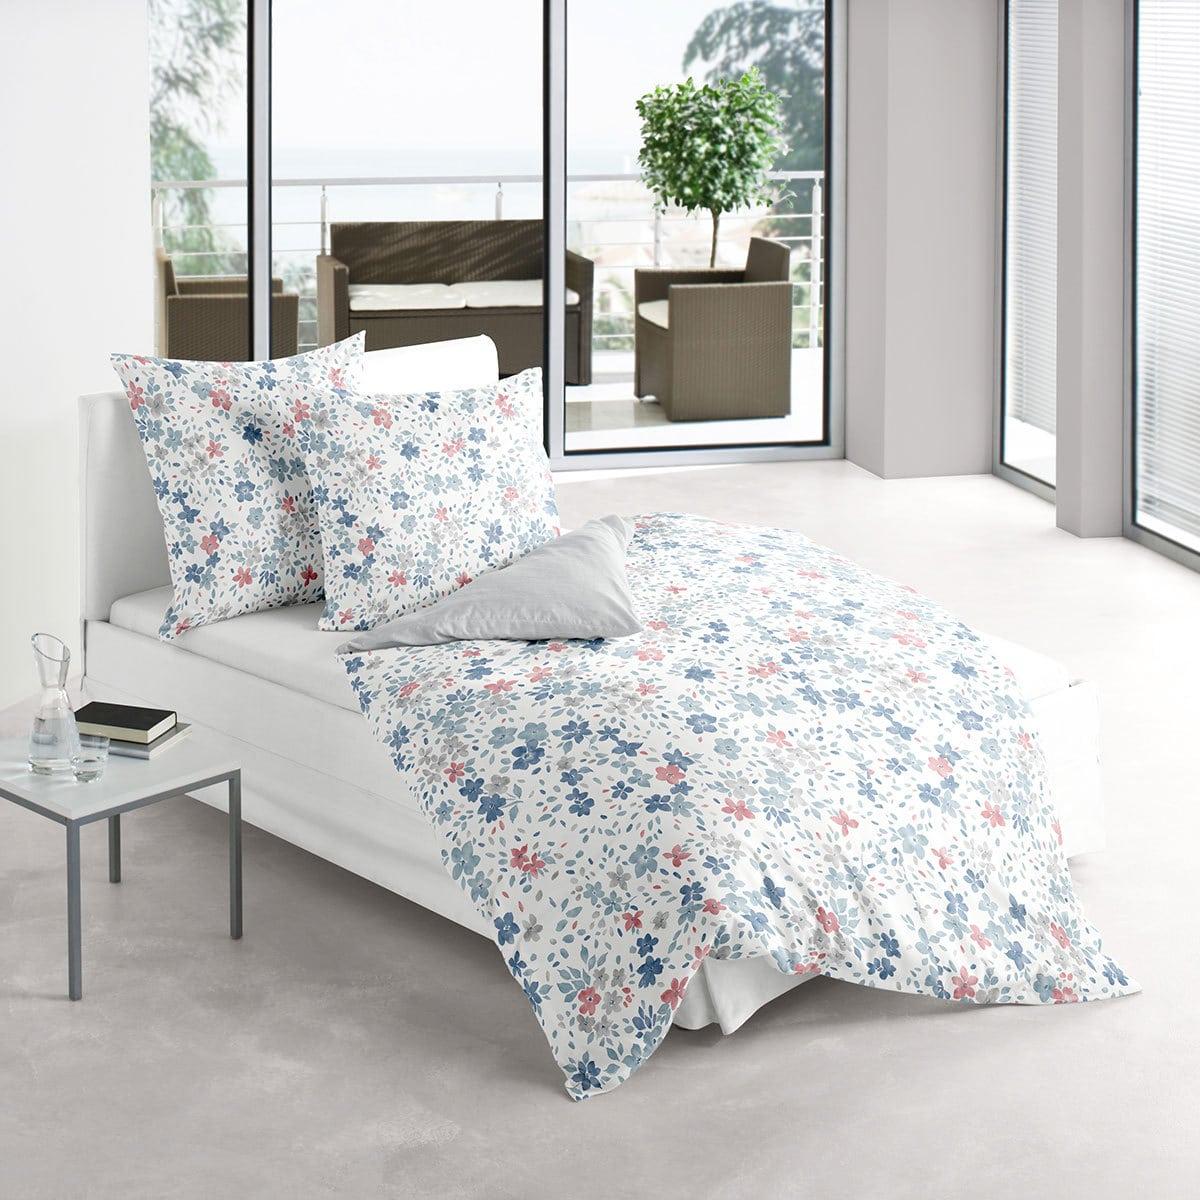 irisette biber wendebettw sche davos 8633 20 g nstig. Black Bedroom Furniture Sets. Home Design Ideas